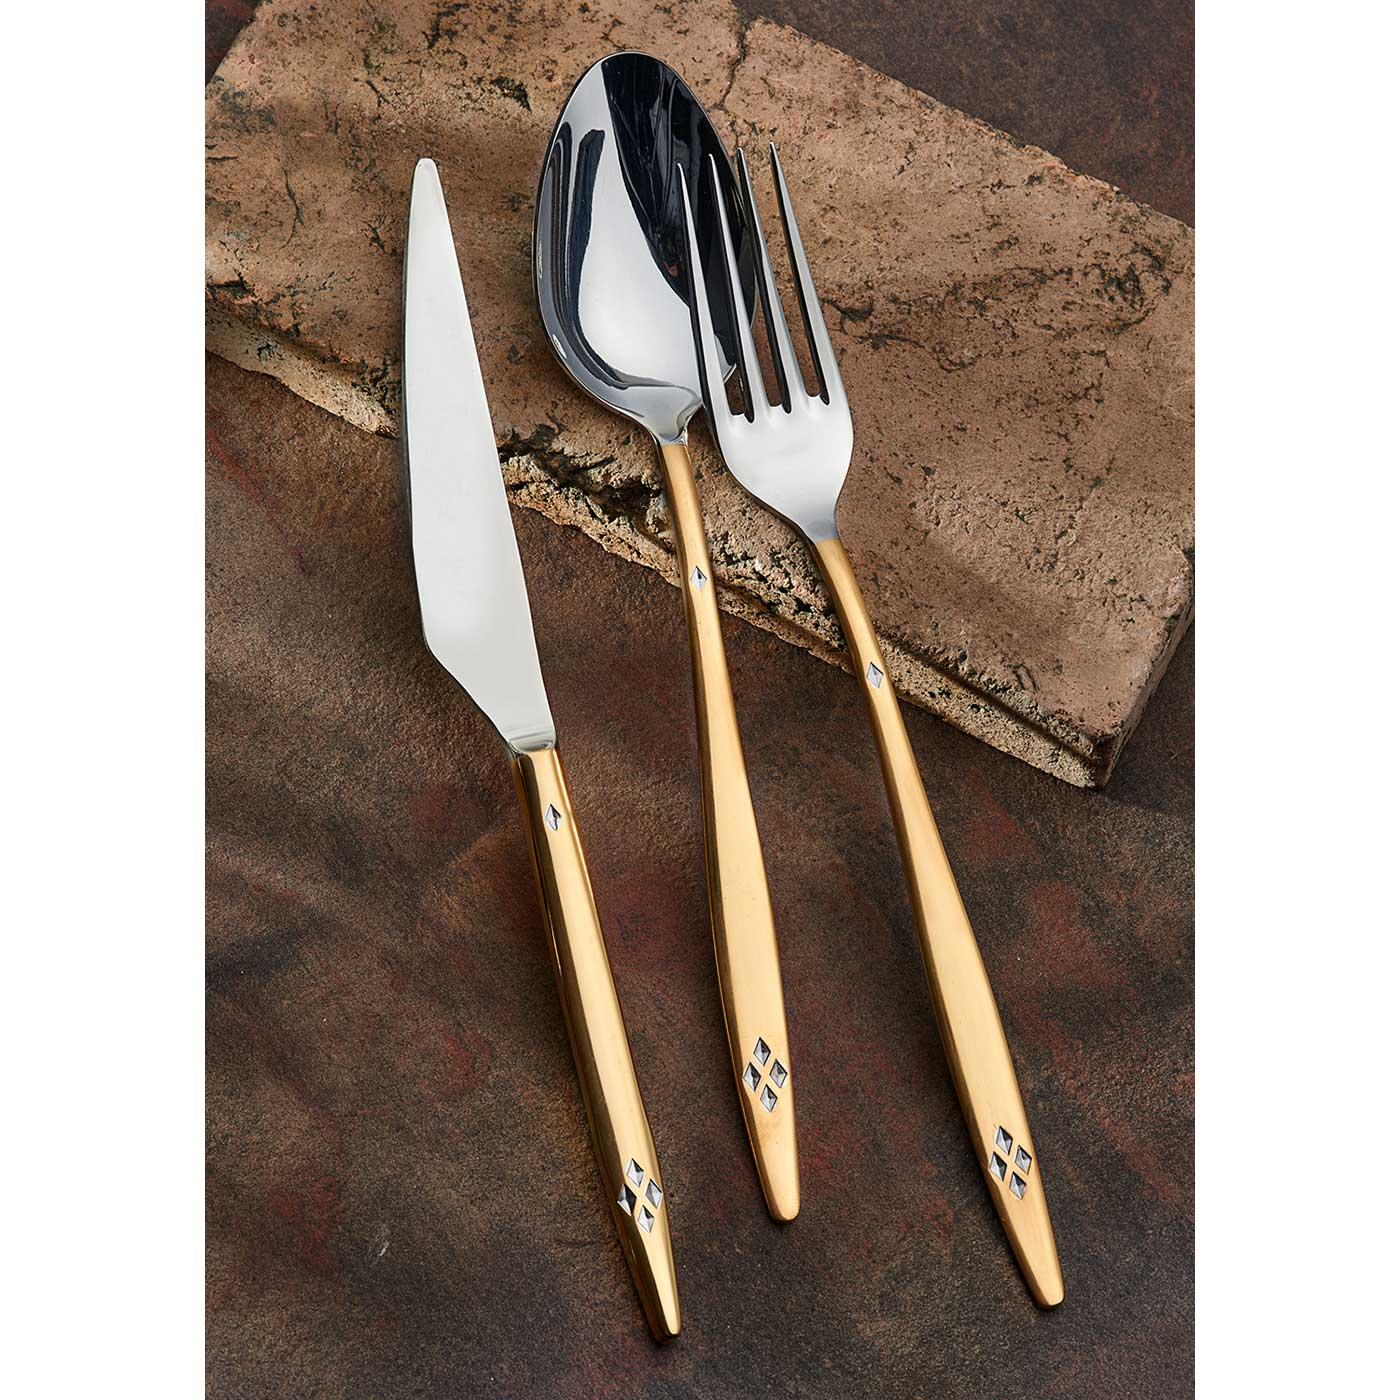 ONON Mira Altın 36 Parça Çatal Kaşık Bıçak Takımı 2